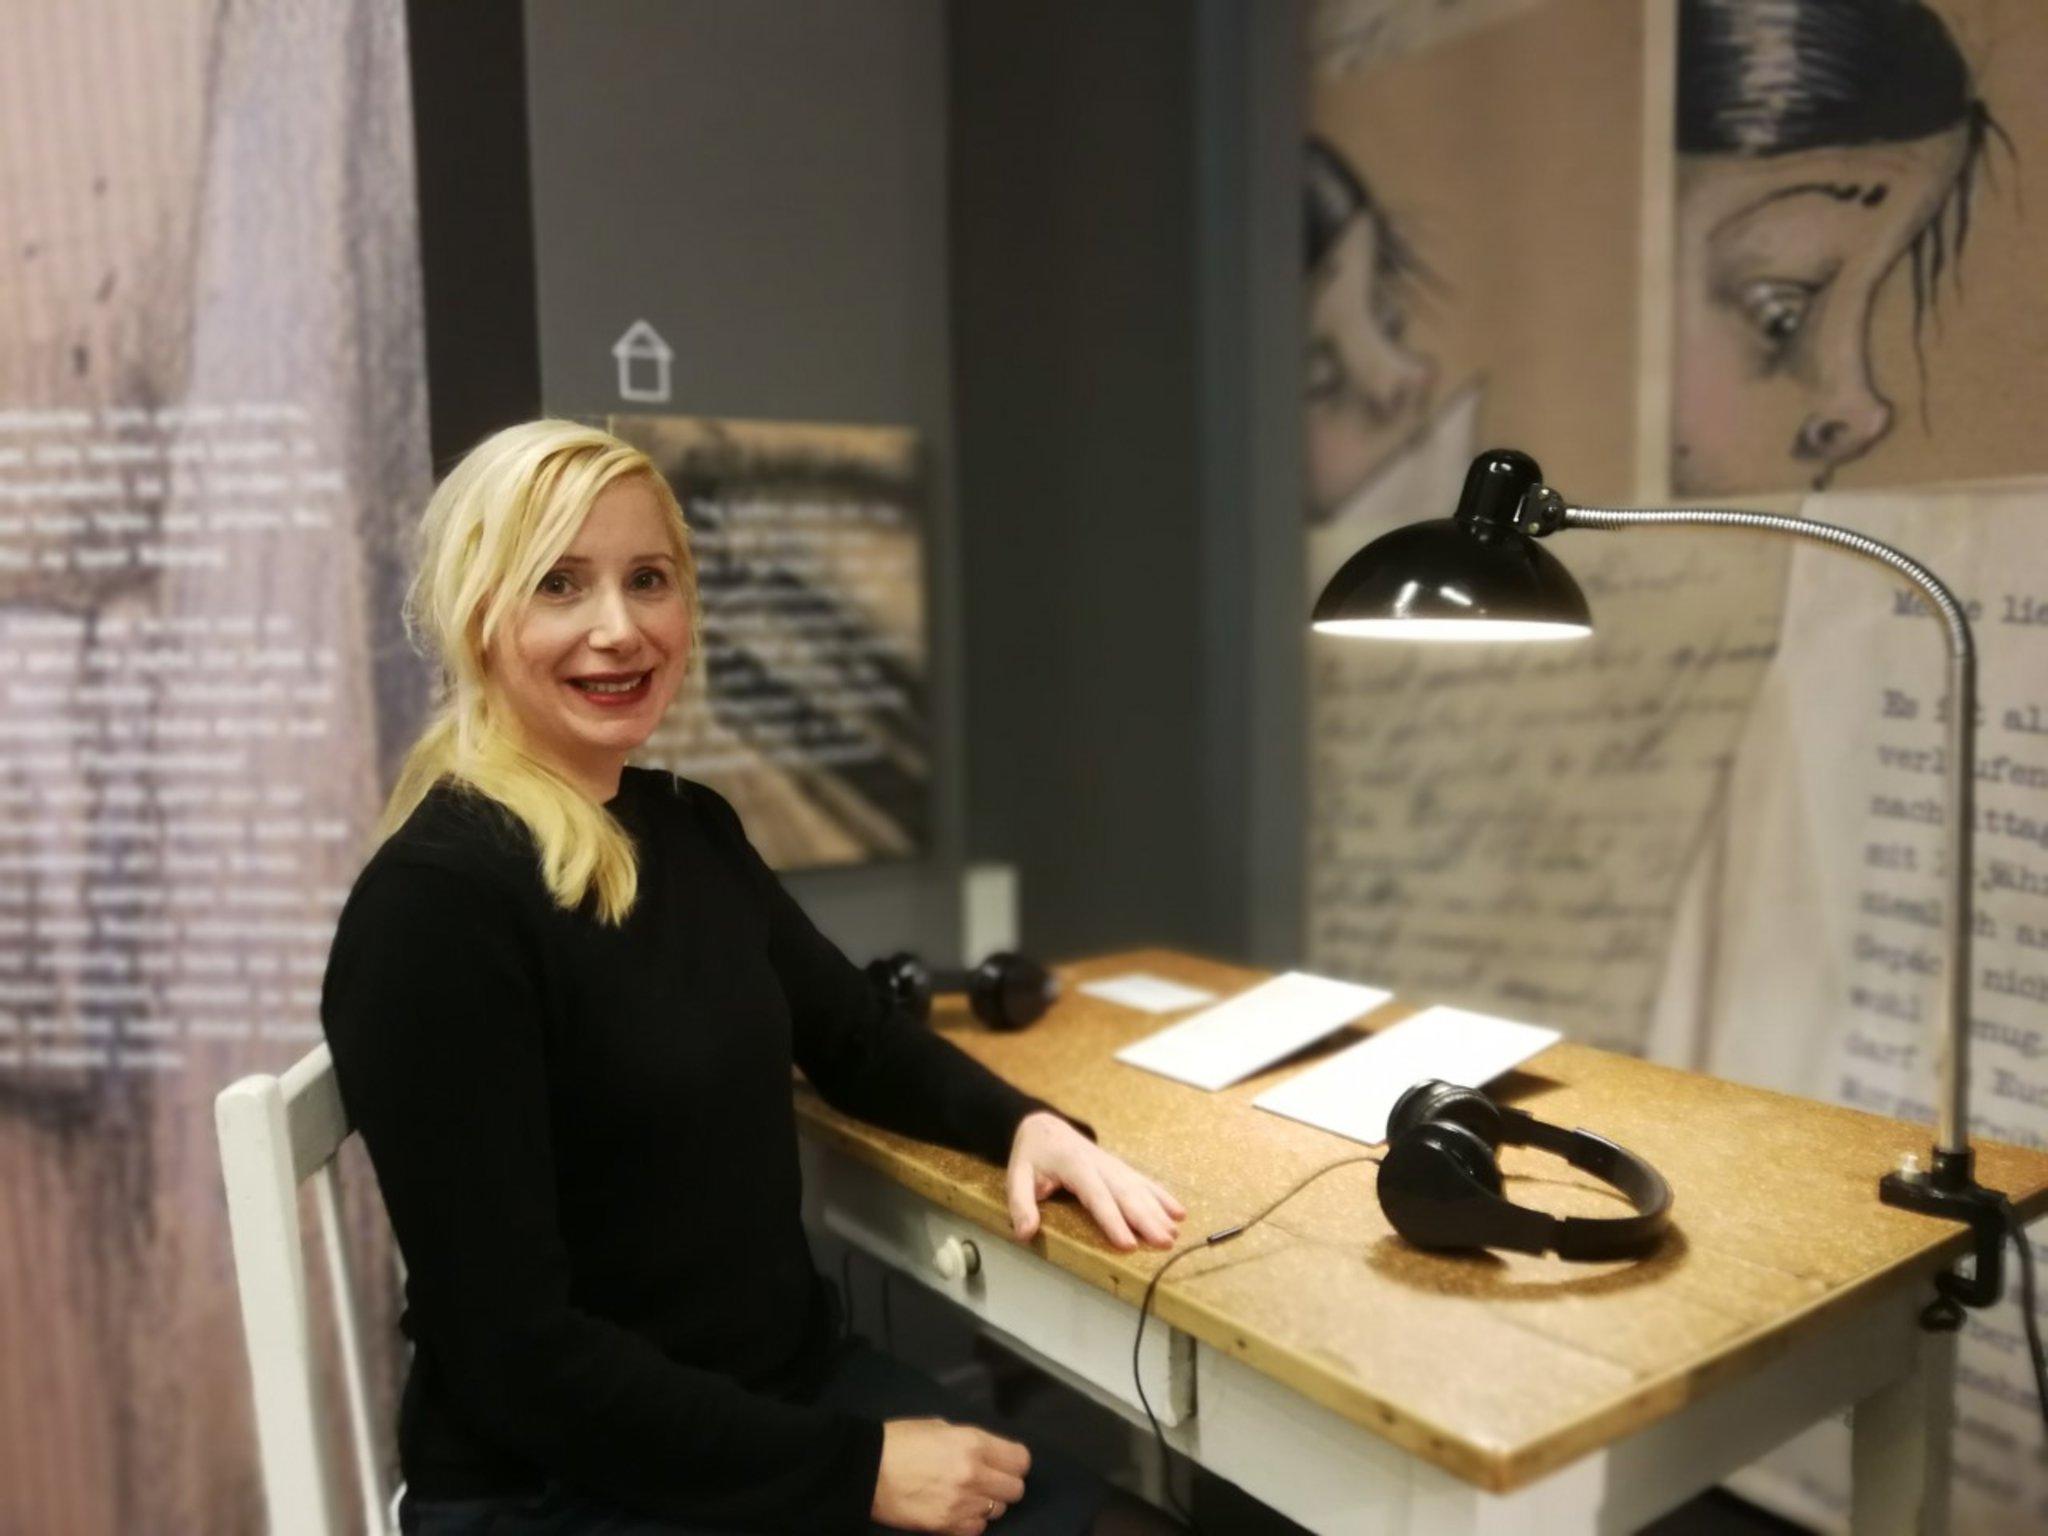 Eindruckliche Gedenkarbeit Birgitta Behr Verpackt Stolperstein Schicksal Als Graphic Novel In Der Ausstellung Susi Die Enkelin Von Haus N 4 Charlottenburg